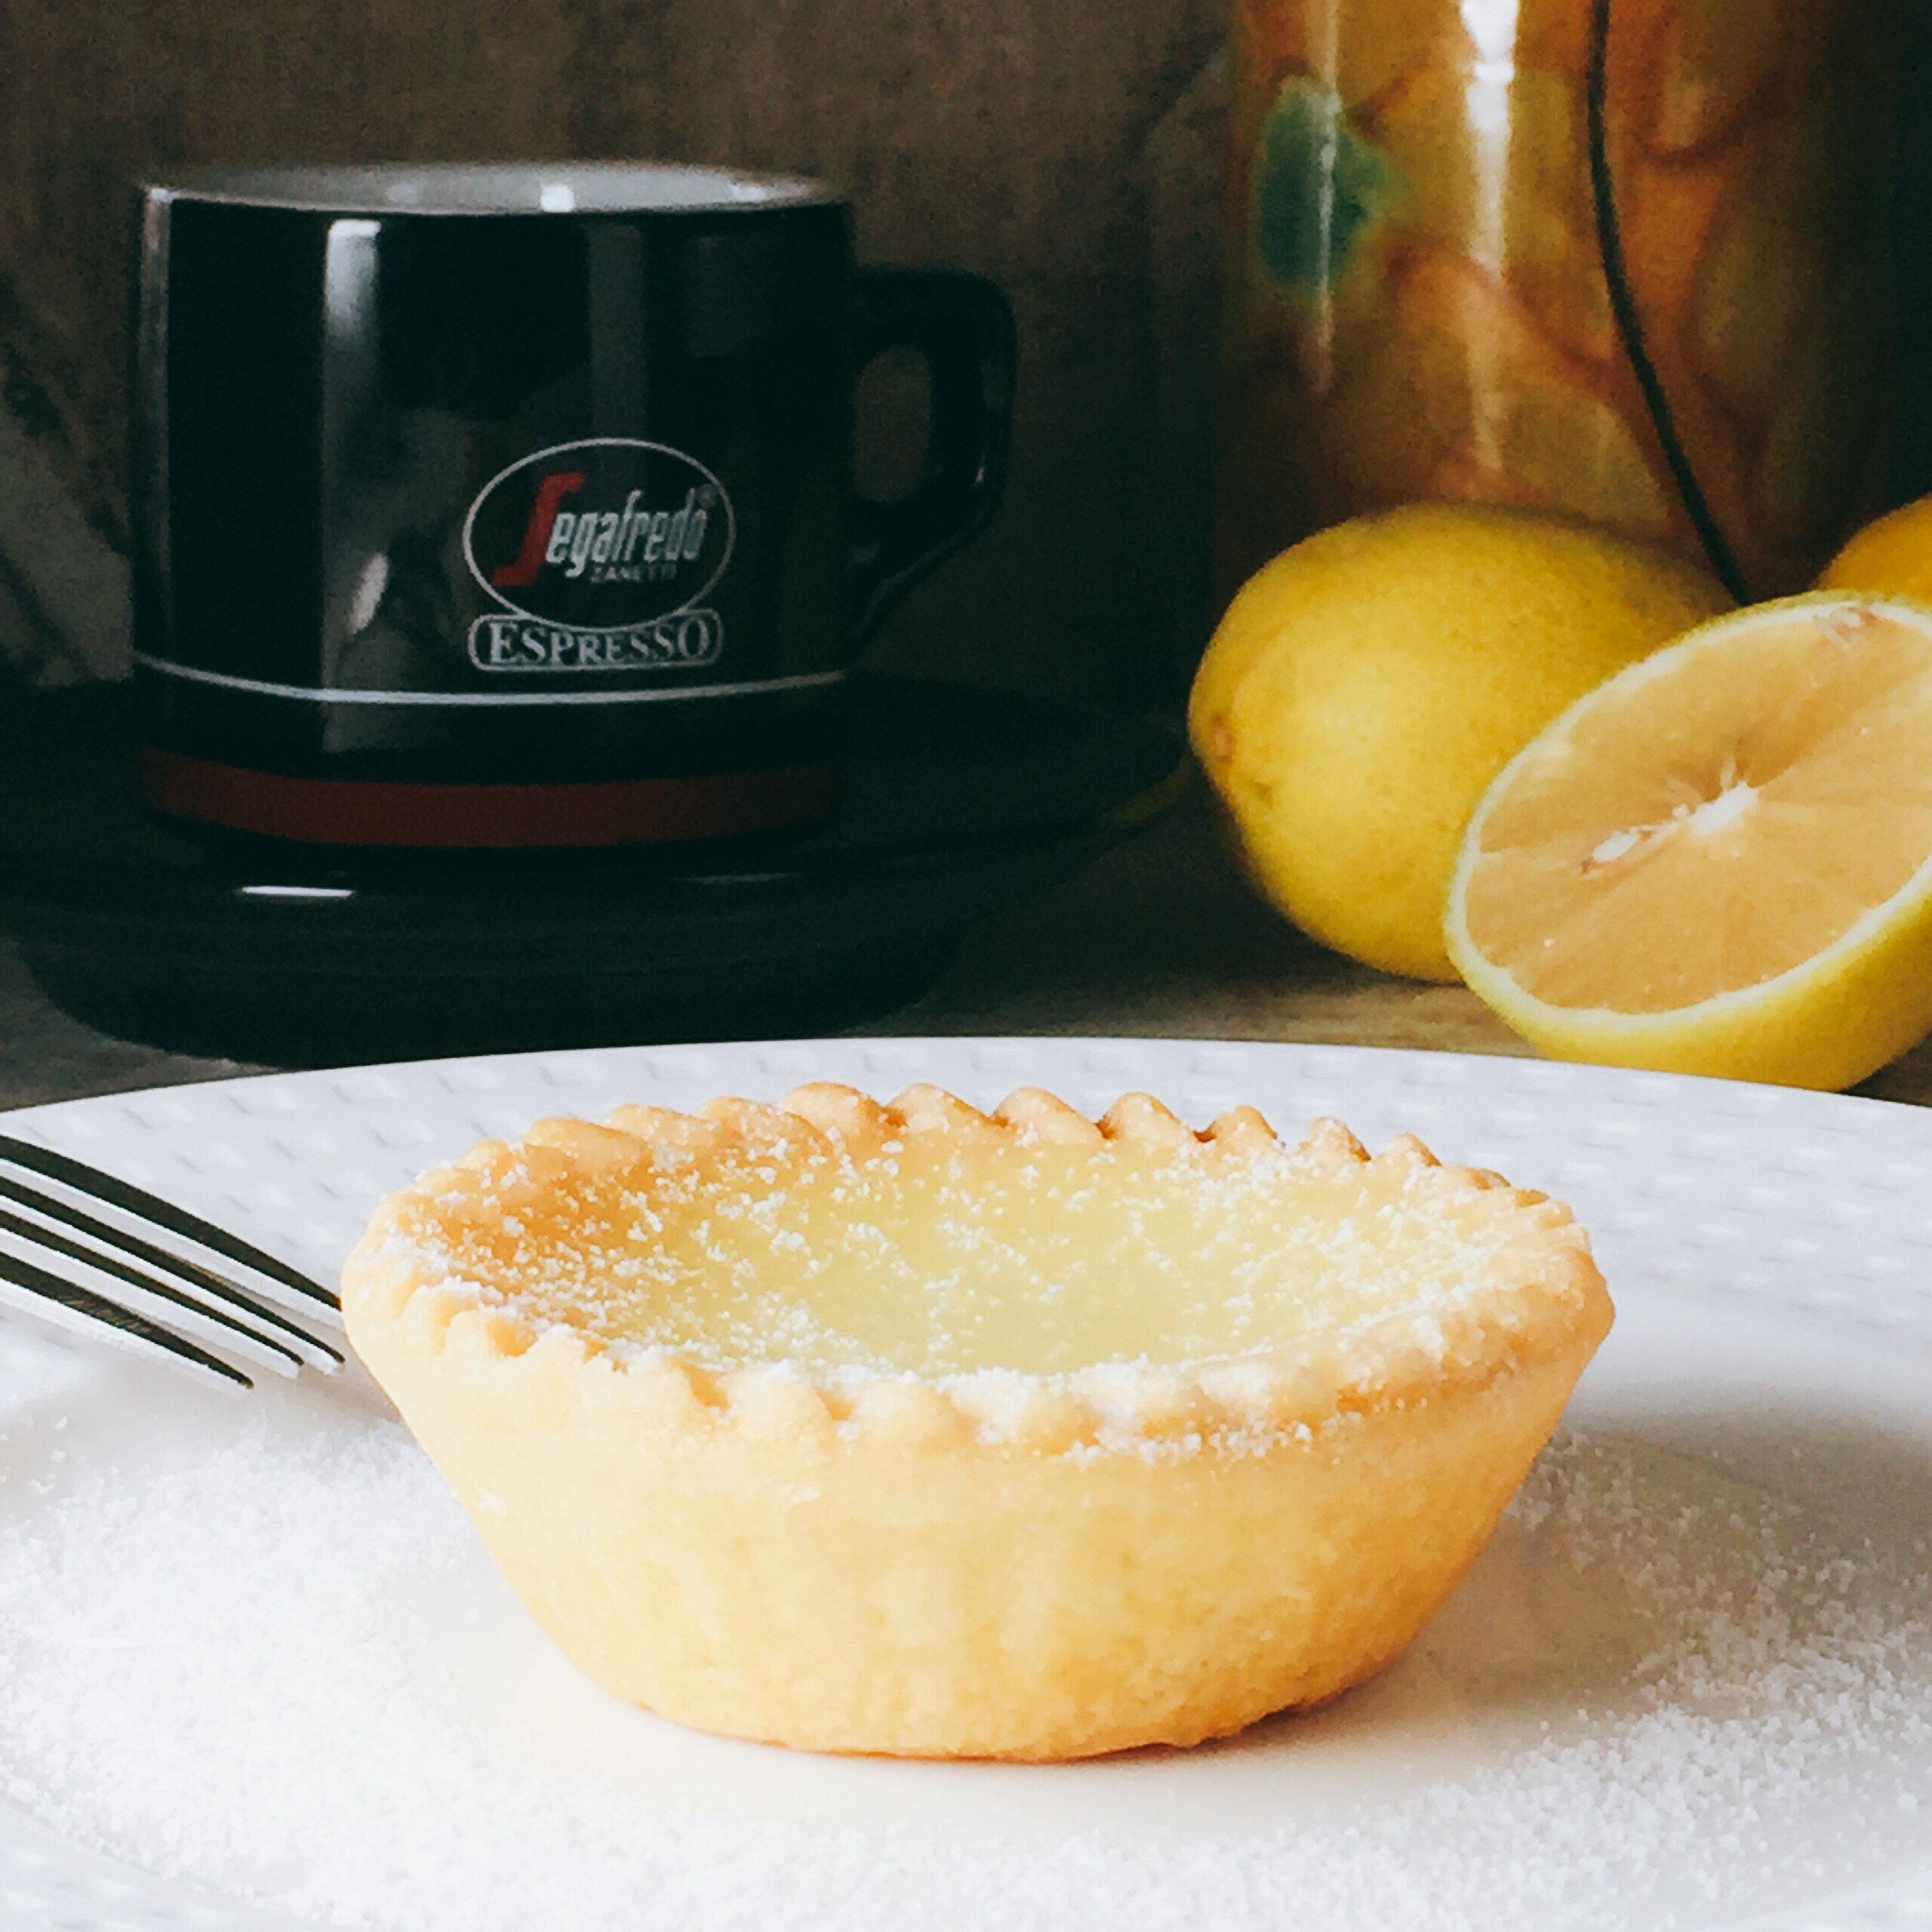 * 法式經典檸檬塔 6入/盒 黑貓宅急便/冷凍 -  欲罷不能的酸甜幸福滋味 團購 甜點 下午茶 禮盒 蛋糕